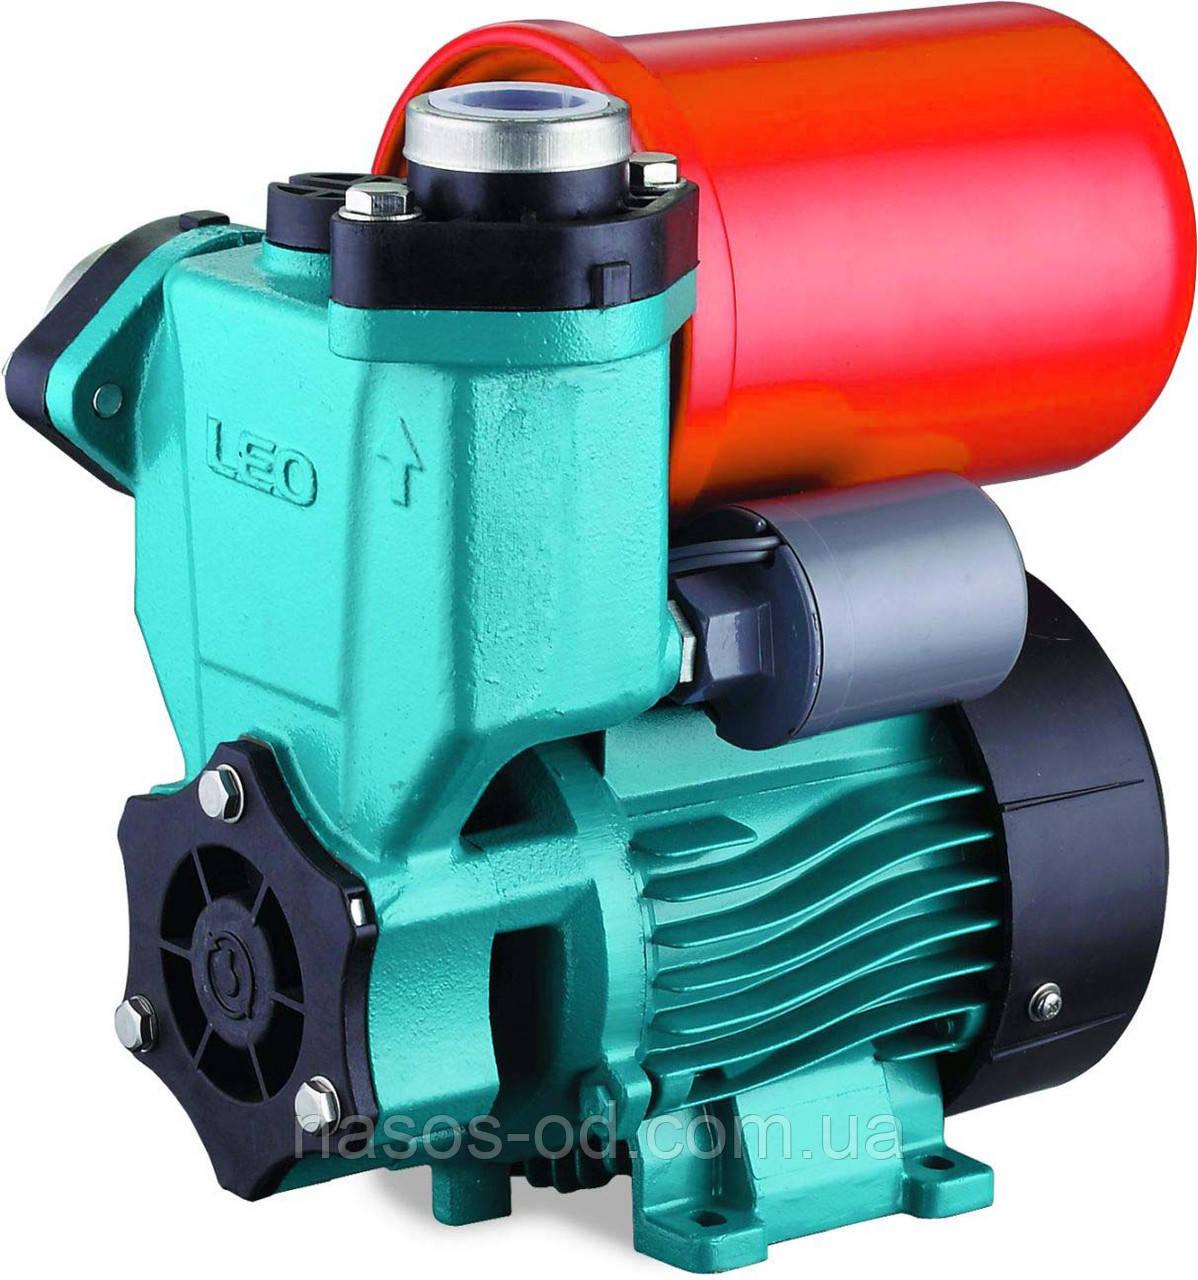 Насосная станция гидрофор Leo для воды 0.55кВт Hmax45м Qmax45л/мин (вихревой насос) 1л (776115)